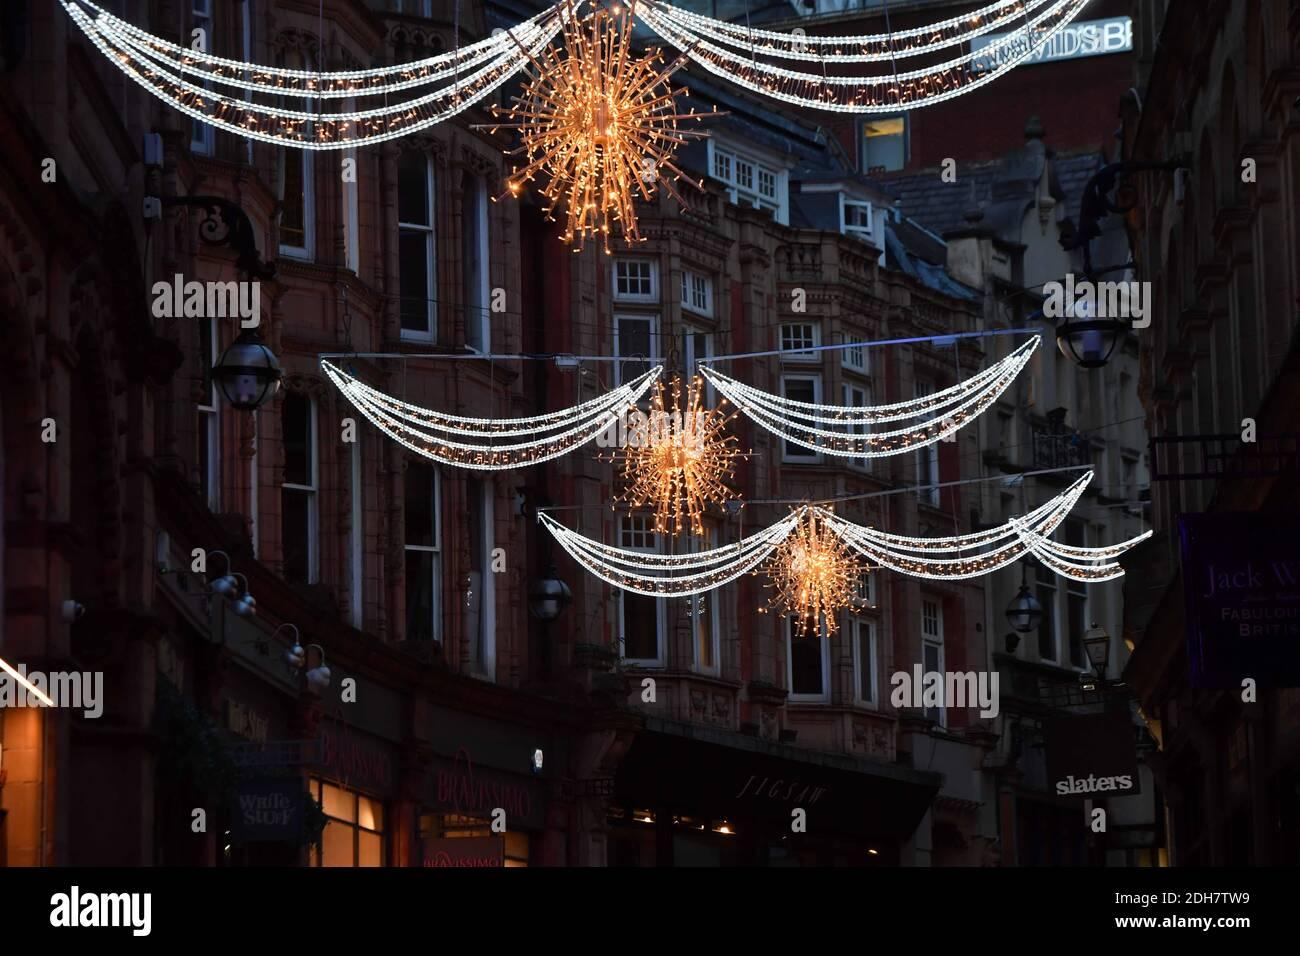 Nella foto, le luci natalizie di Birmingham si accendono per la prossima stagione festiva a New Street e Victoria Square, giovedì 12 novembre 2020. Foto Stock